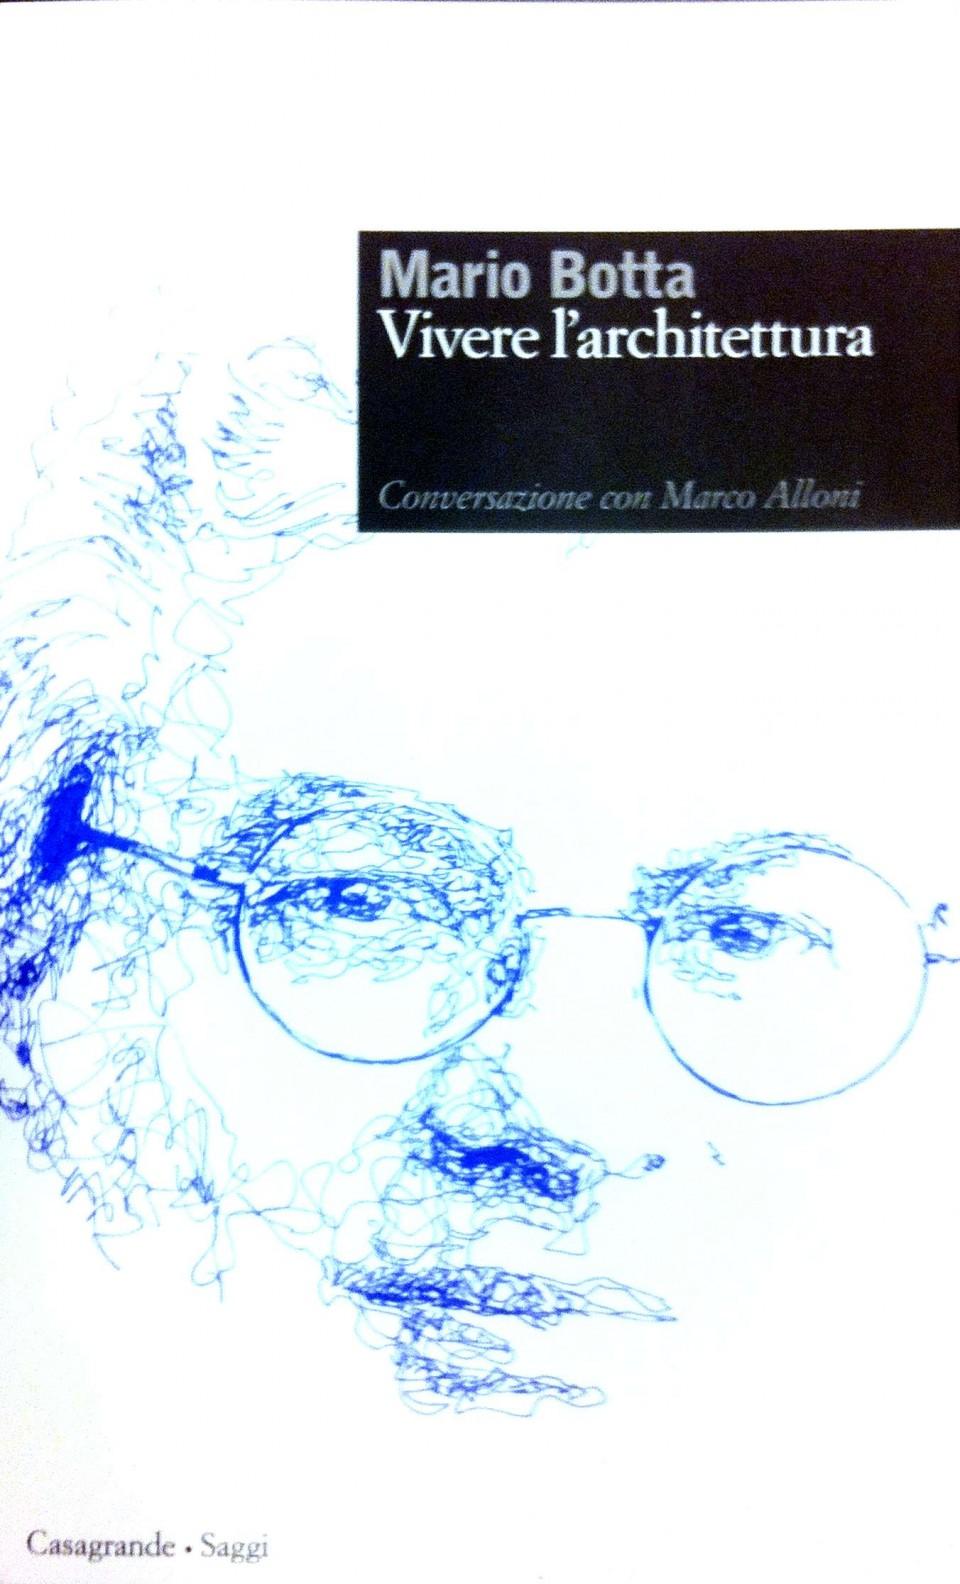 Mario Botta. Vivere l'architettura